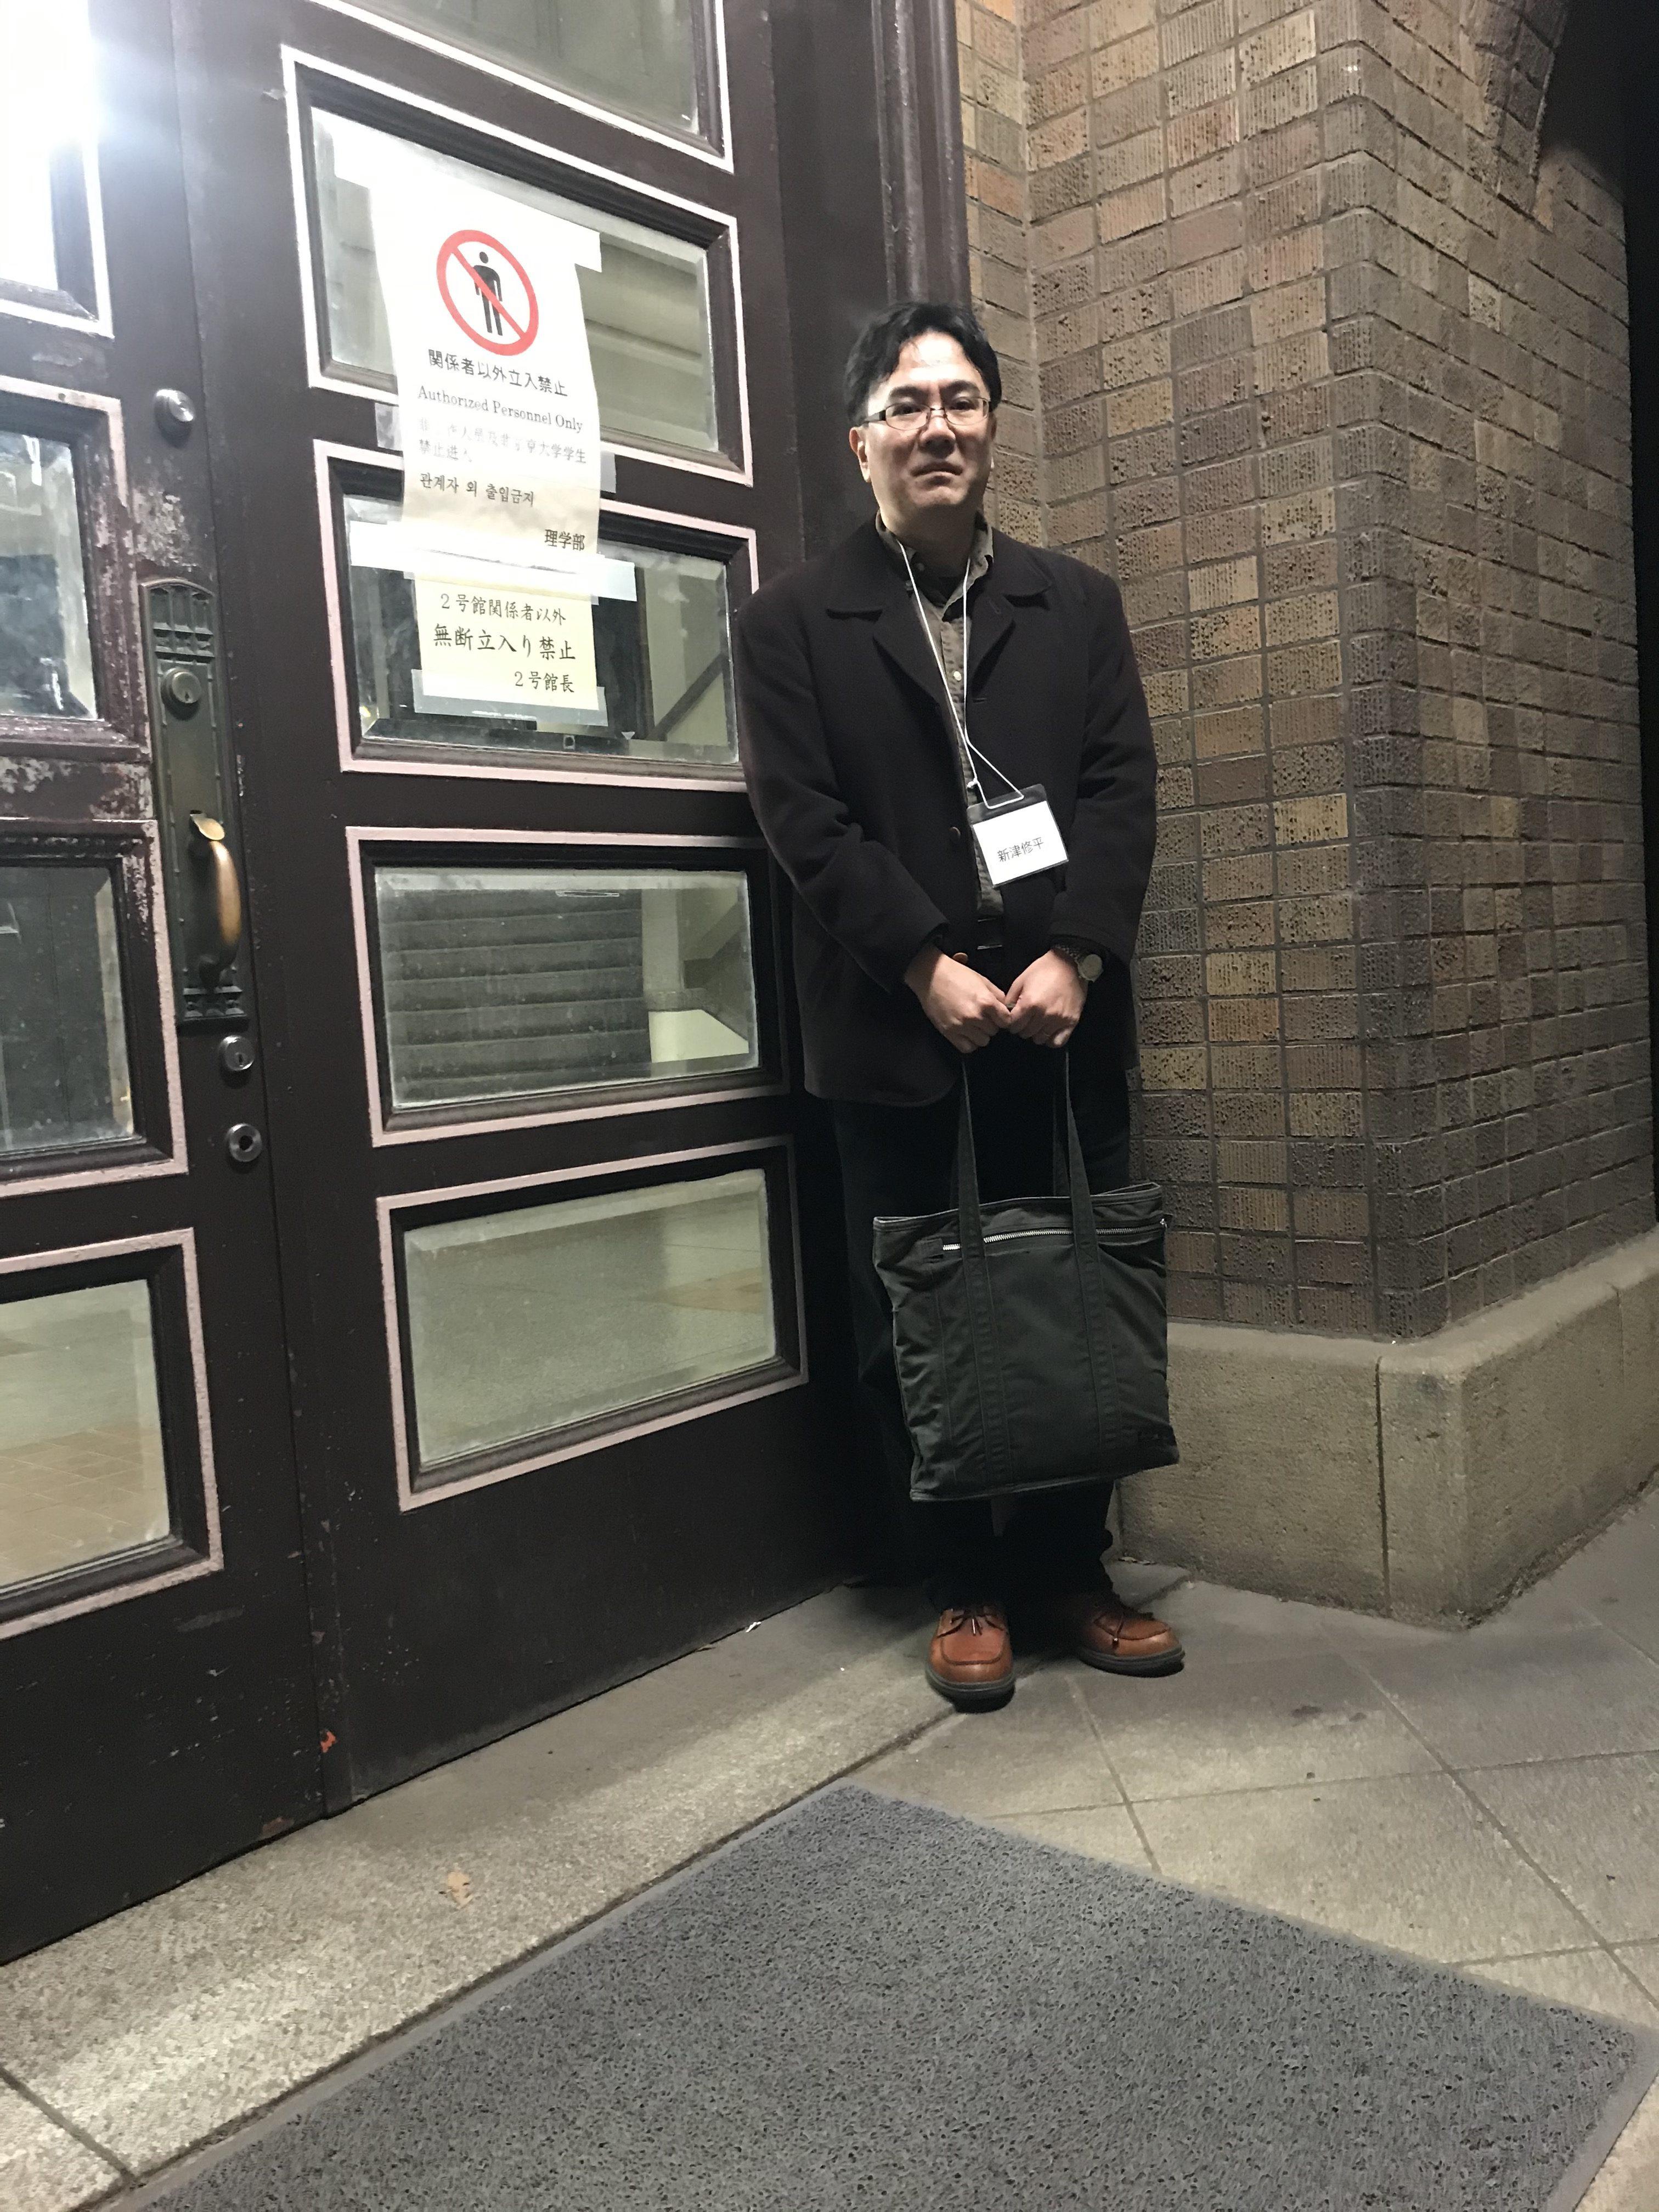 冷蔵庫にロマンを託すミノムシ博士(「日本蛾類学会2020年総会・研究発表会」を取材)